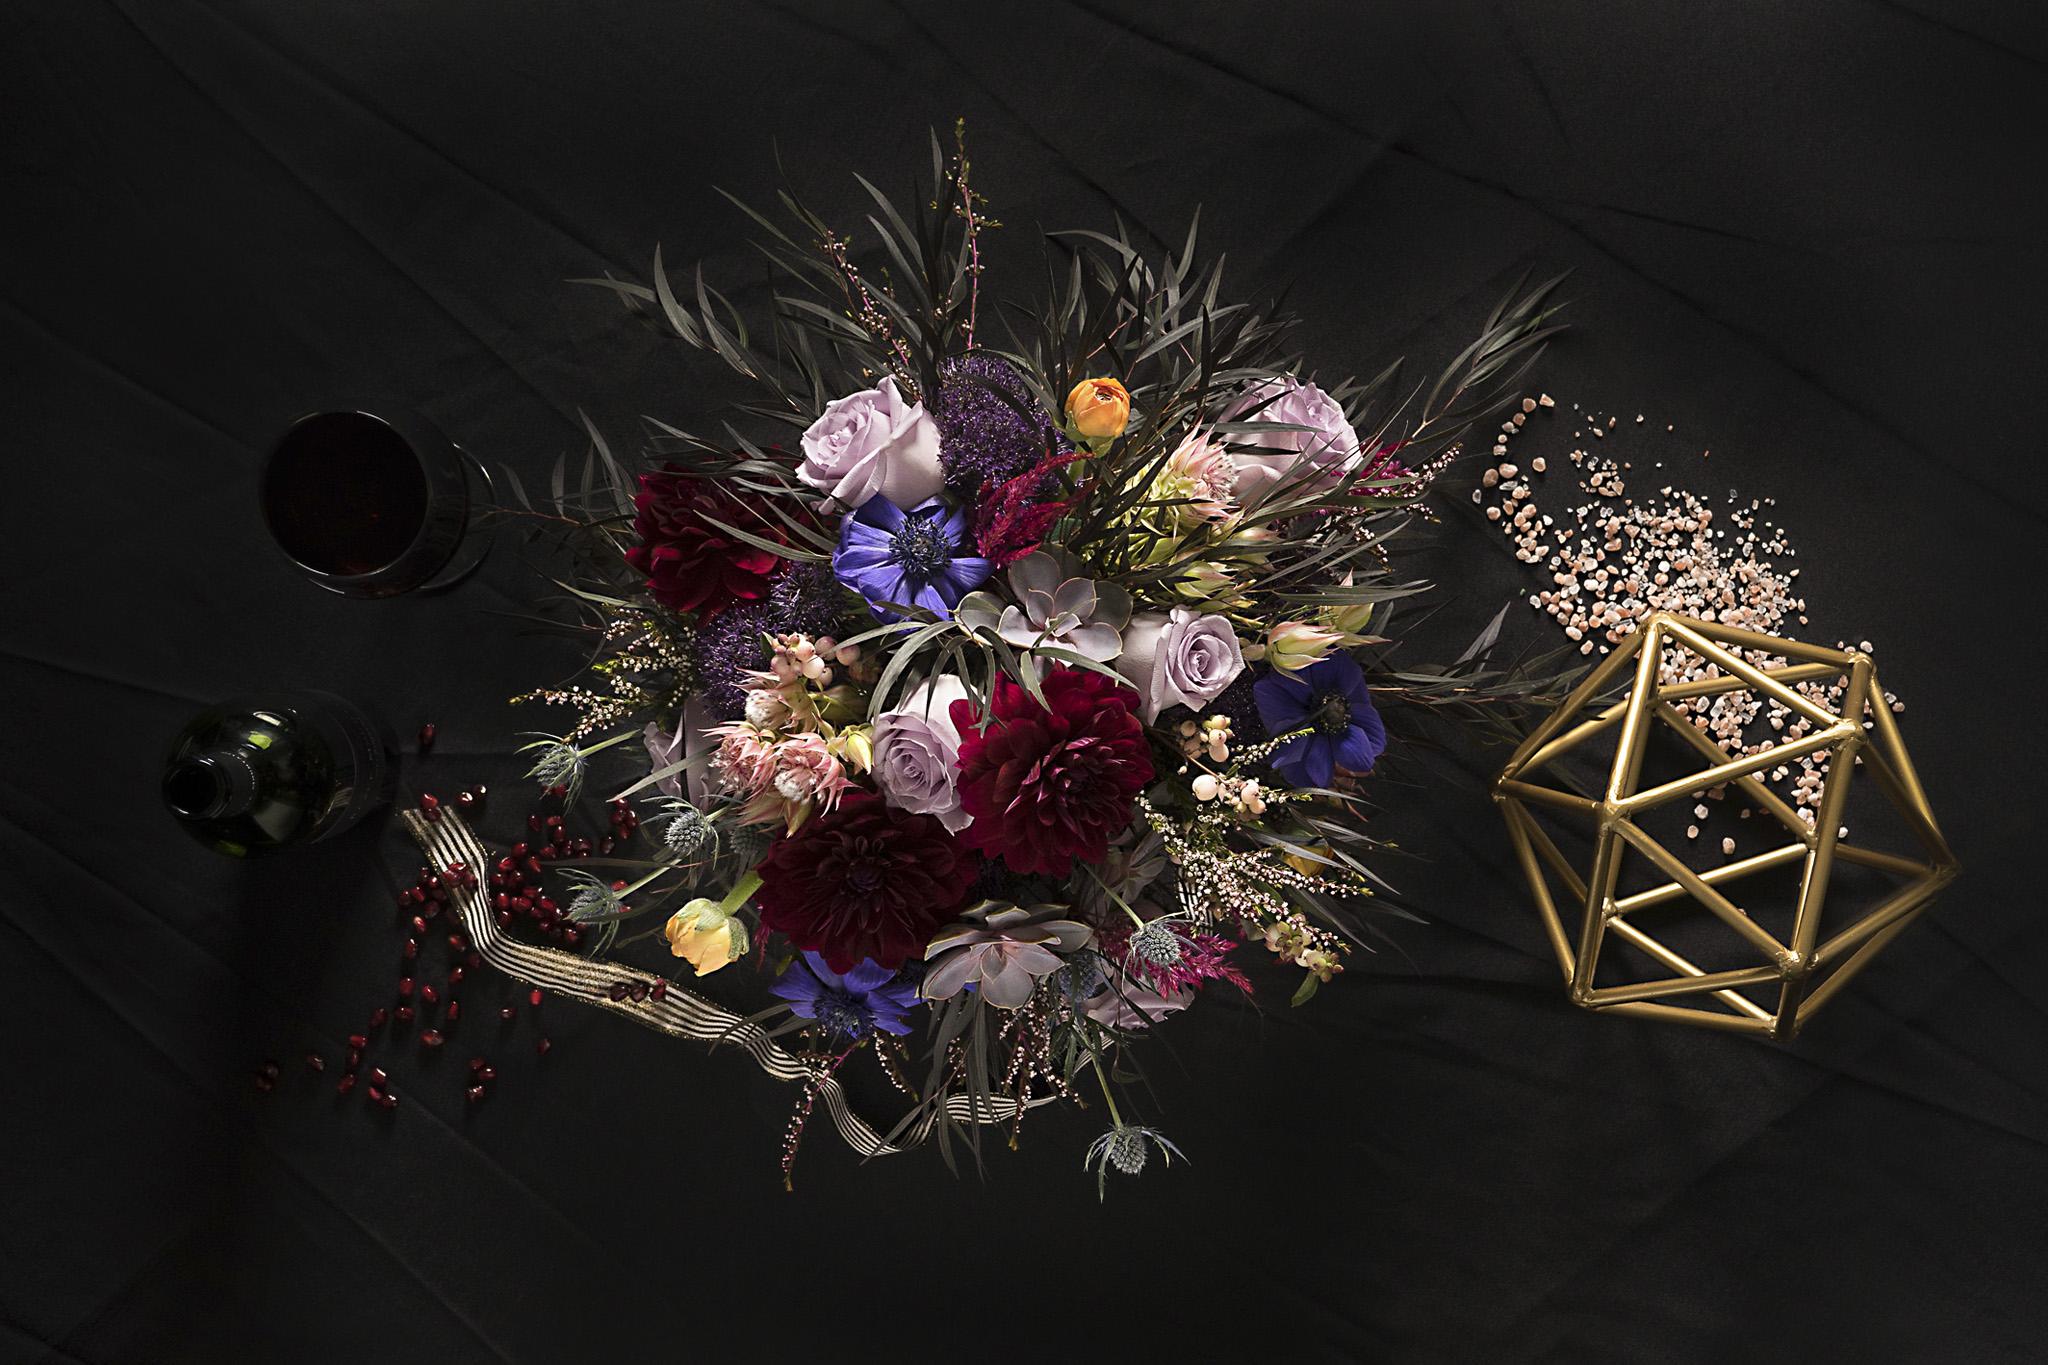 Fiori Jpg.Fiori Floral Design